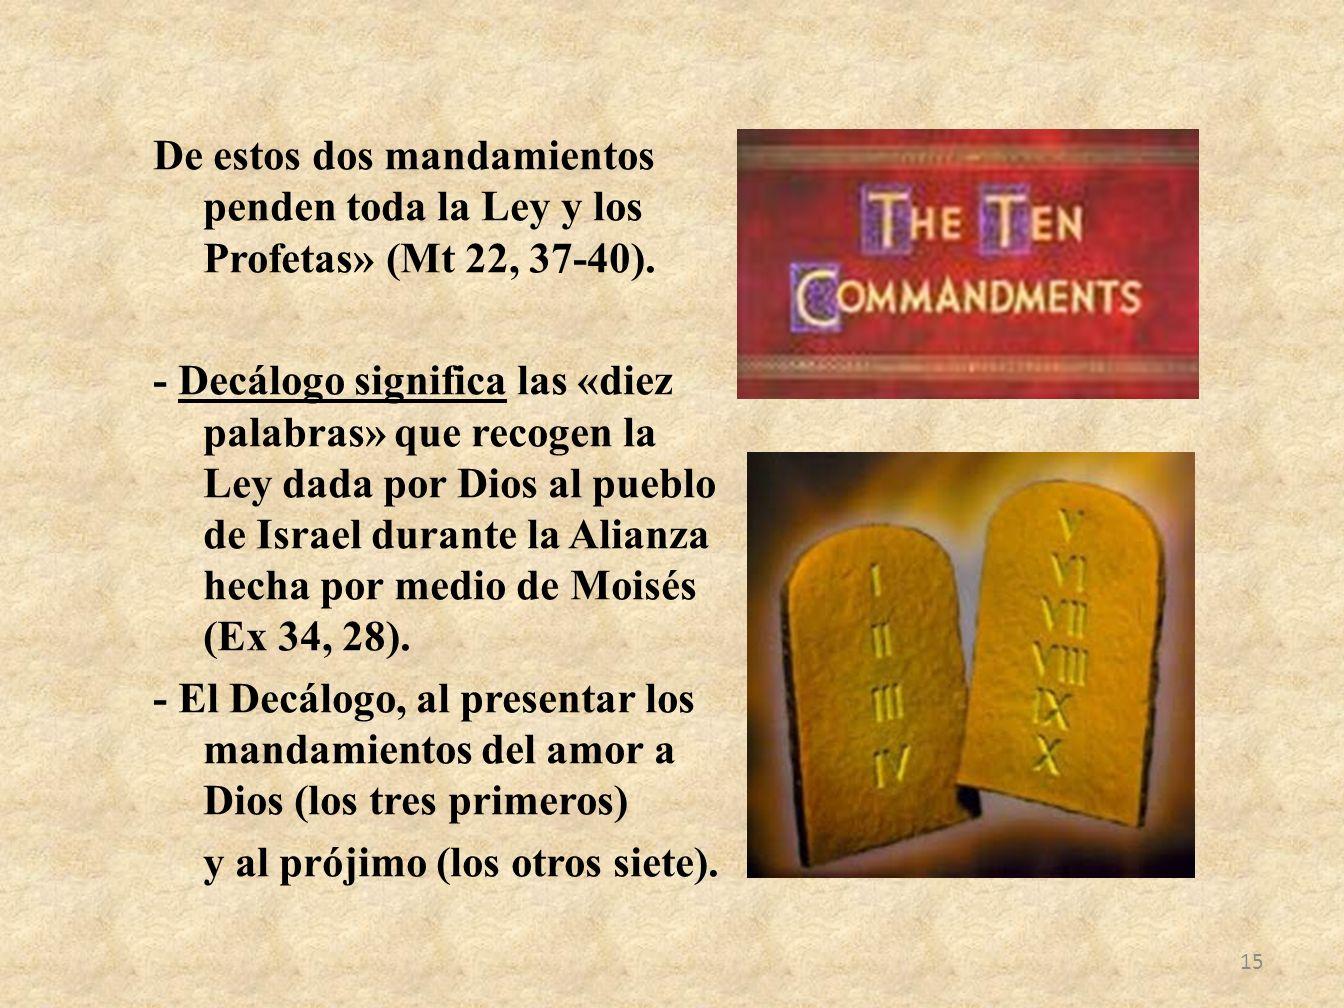 De estos dos mandamientos penden toda la Ley y los Profetas» (Mt 22, 37-40).